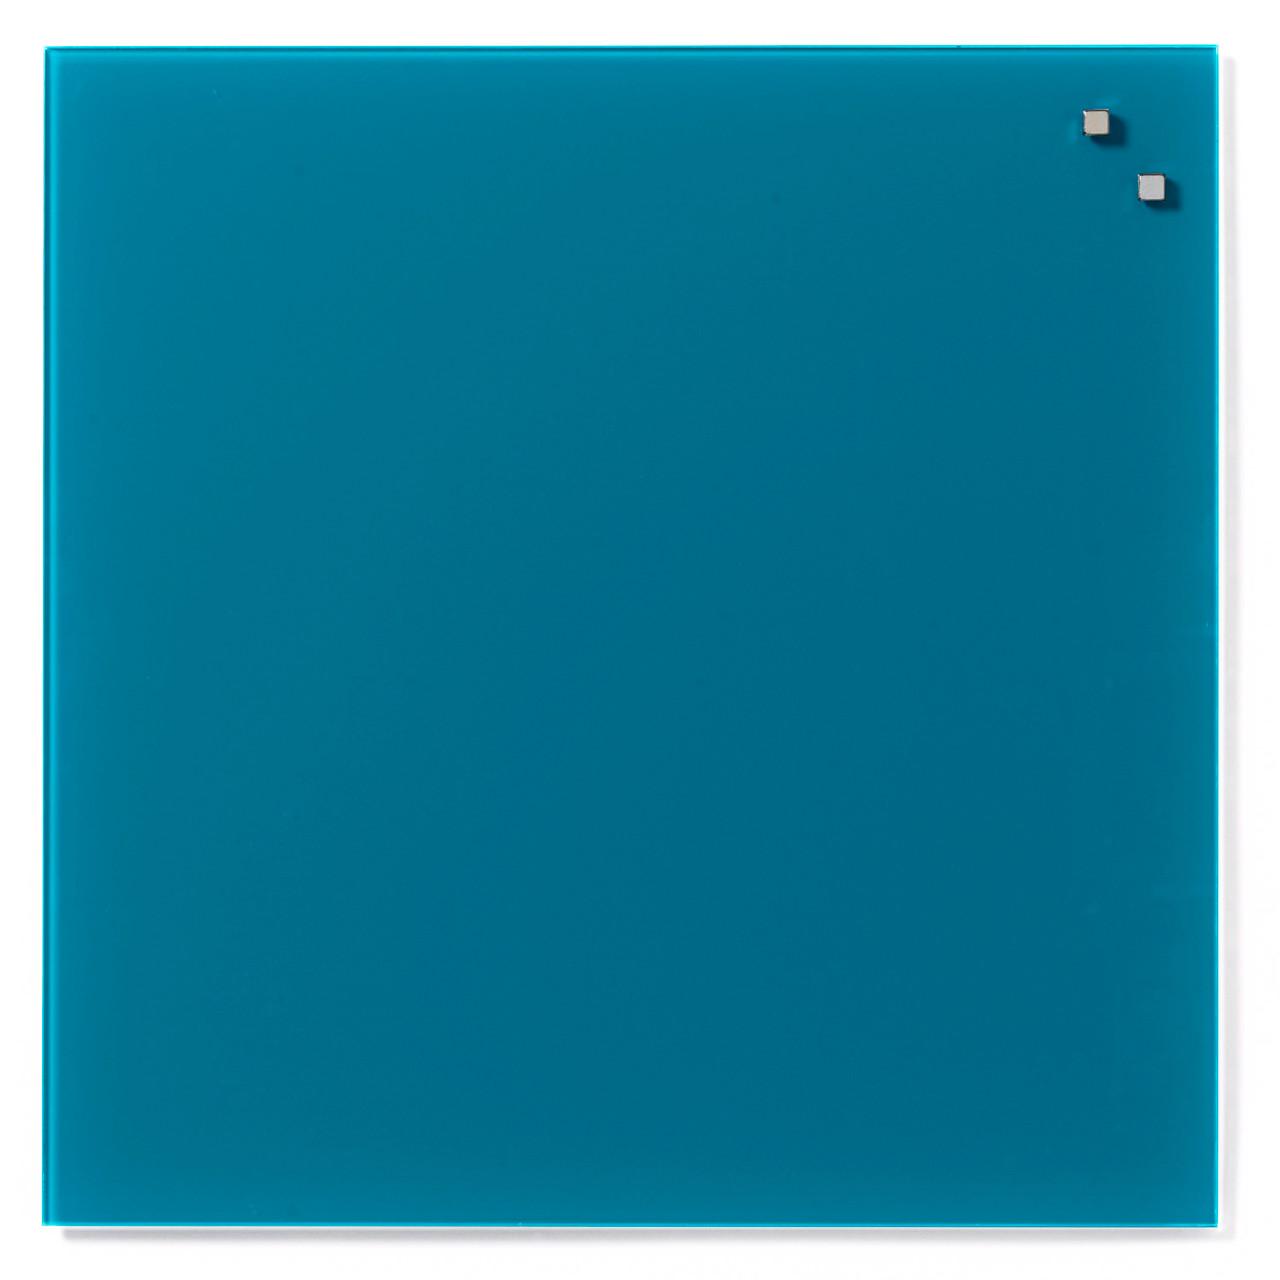 Hypermoderne Naga Glas tavle - magnetisk 45 x 45 cm aqua grøn - Køb billigt på YZ-65